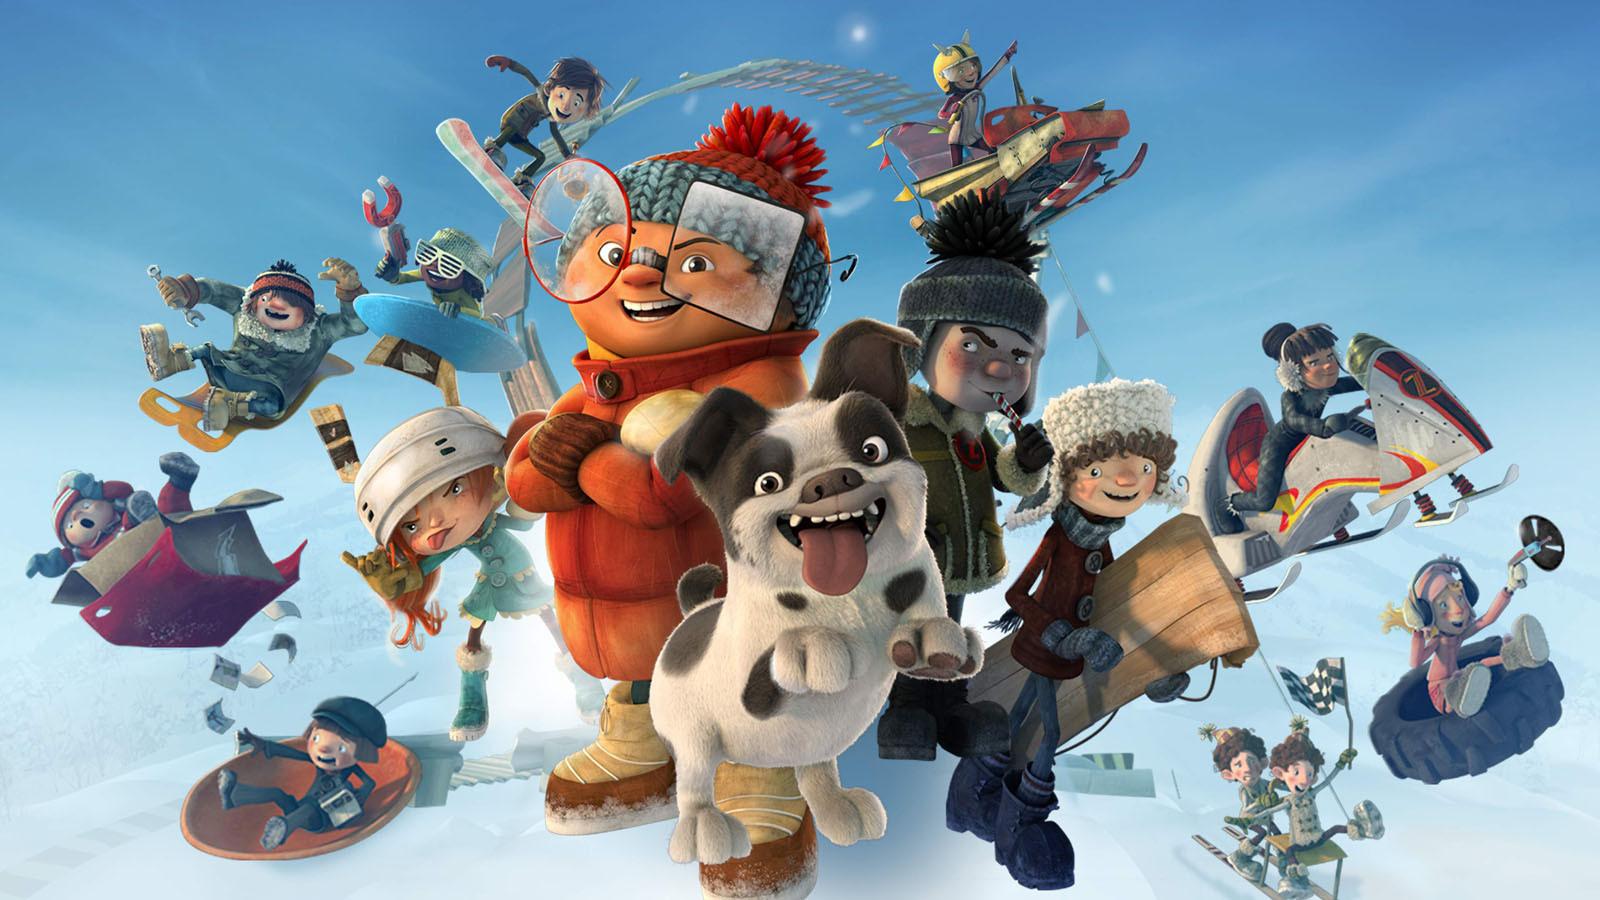 Comment Faire Des Boule A Neige la bataille géante de boules de neige 2, l'incroyable course